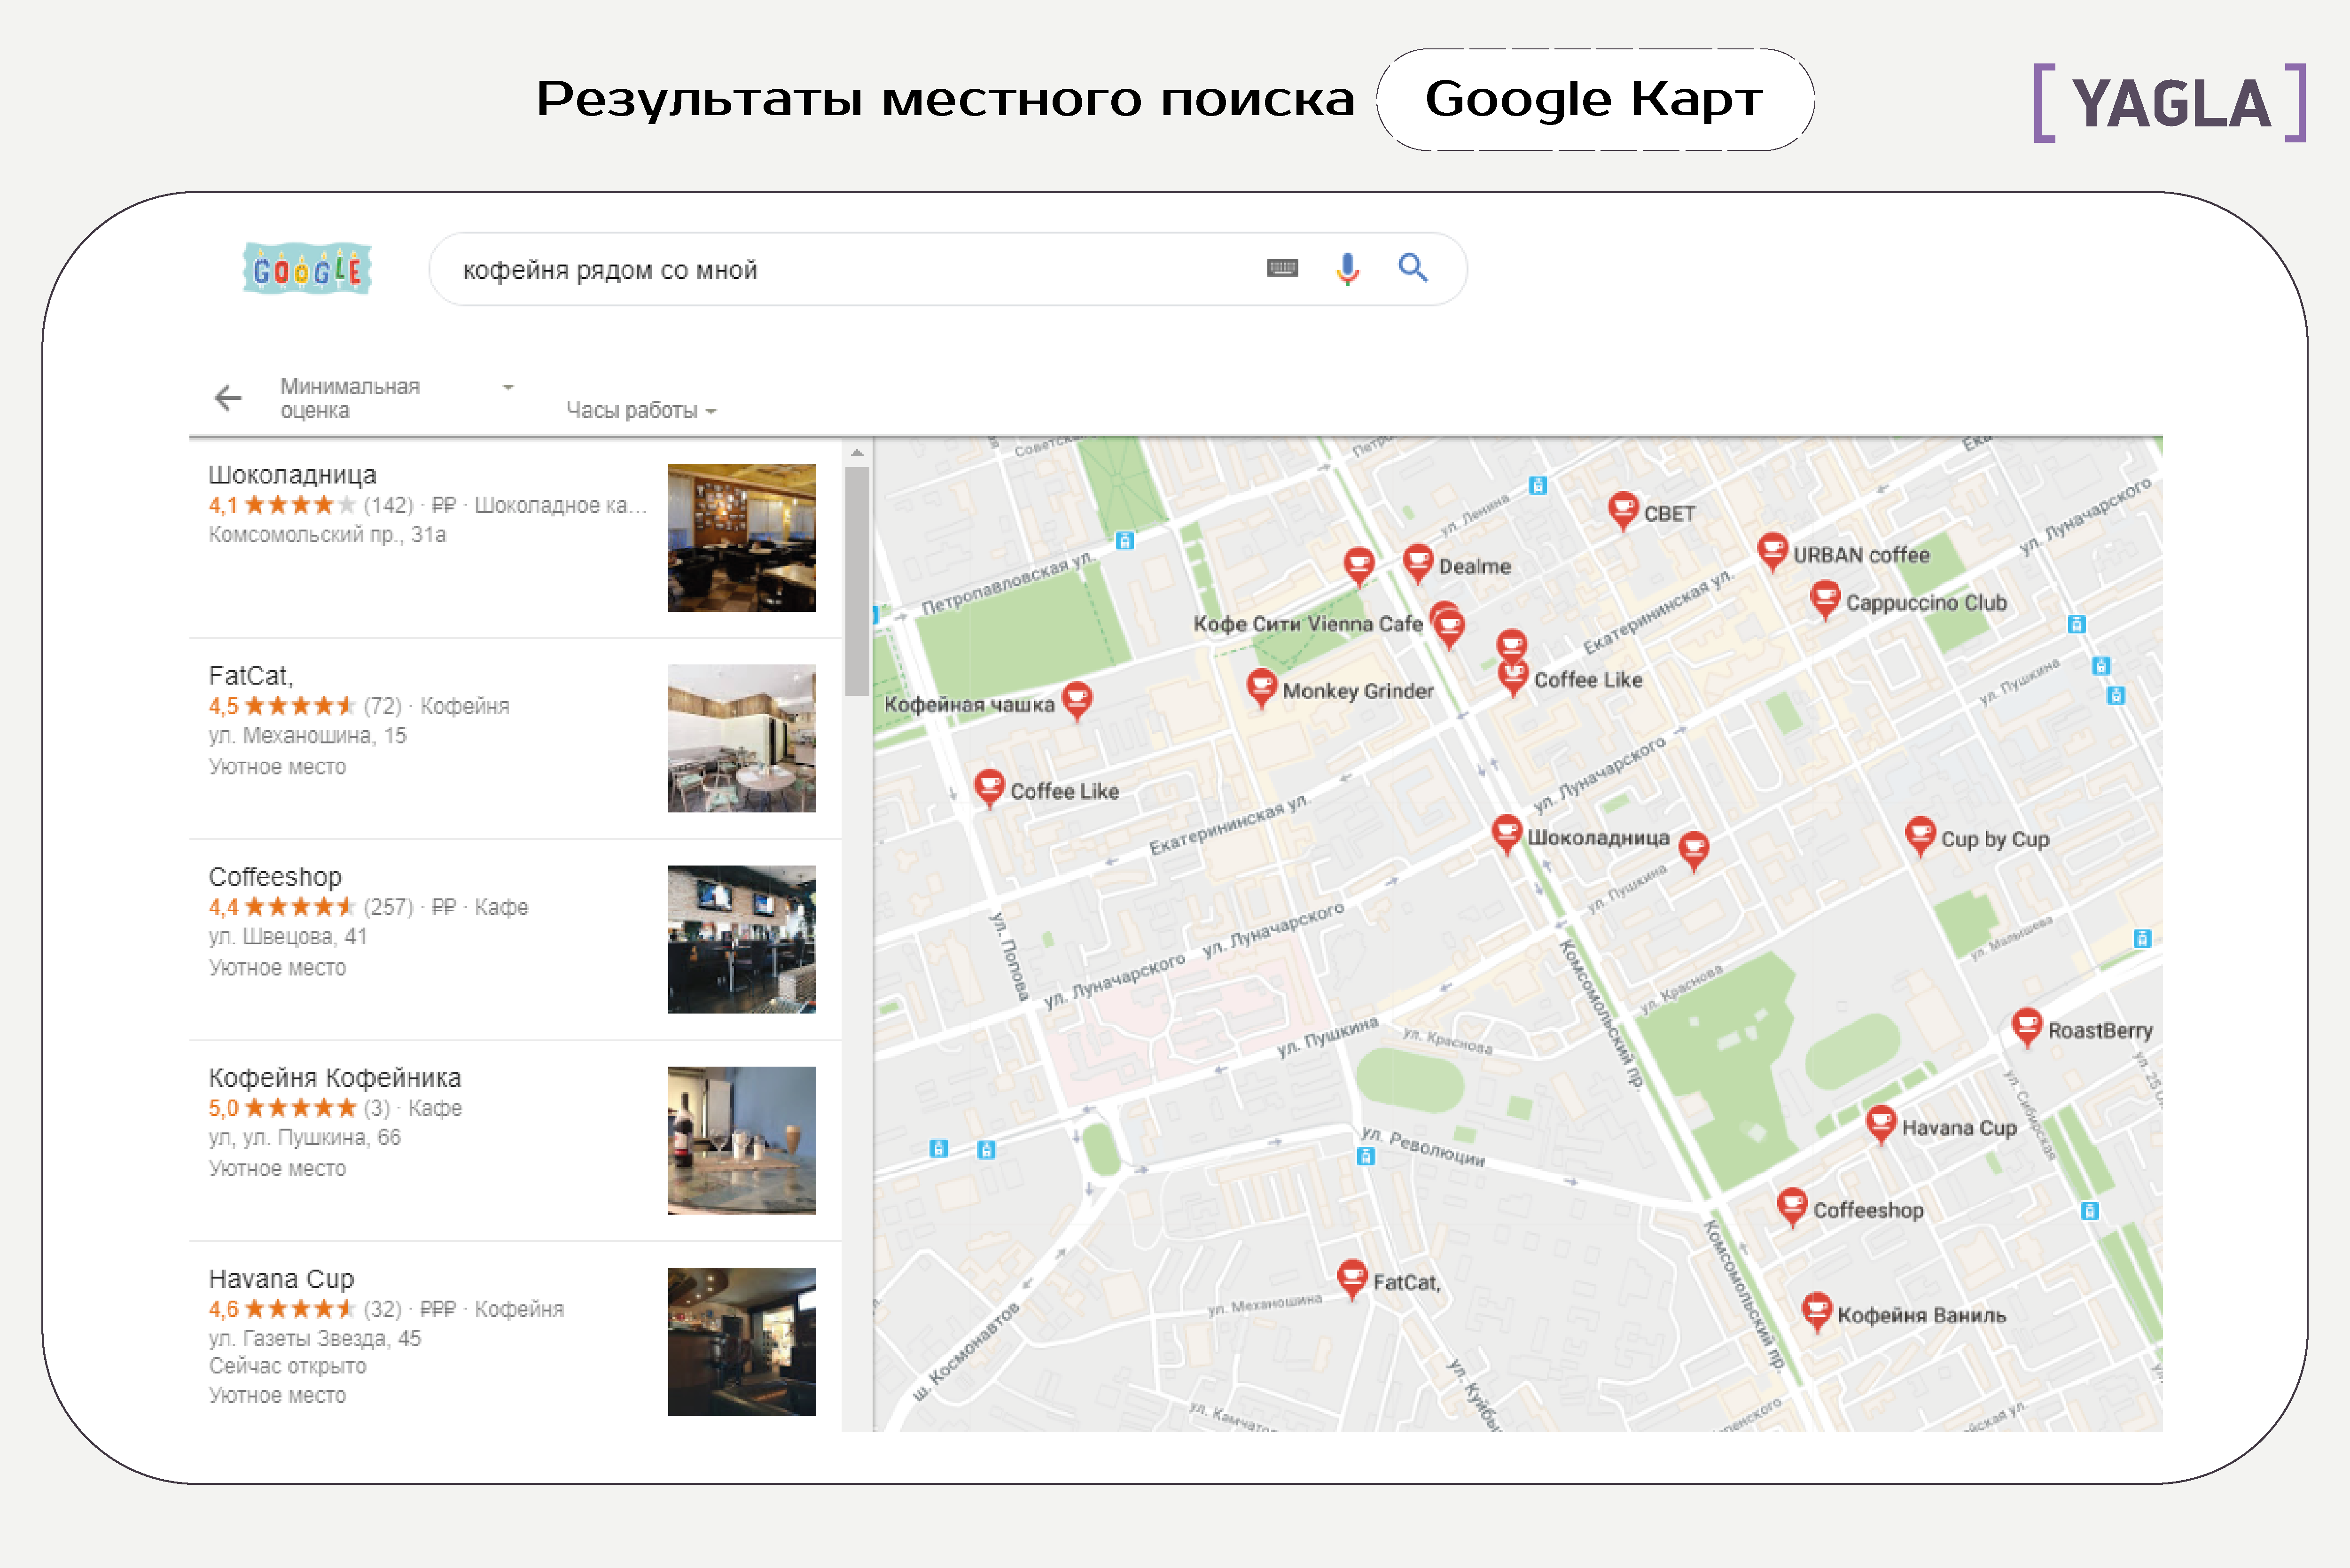 Результаты местного поиска Google Карт